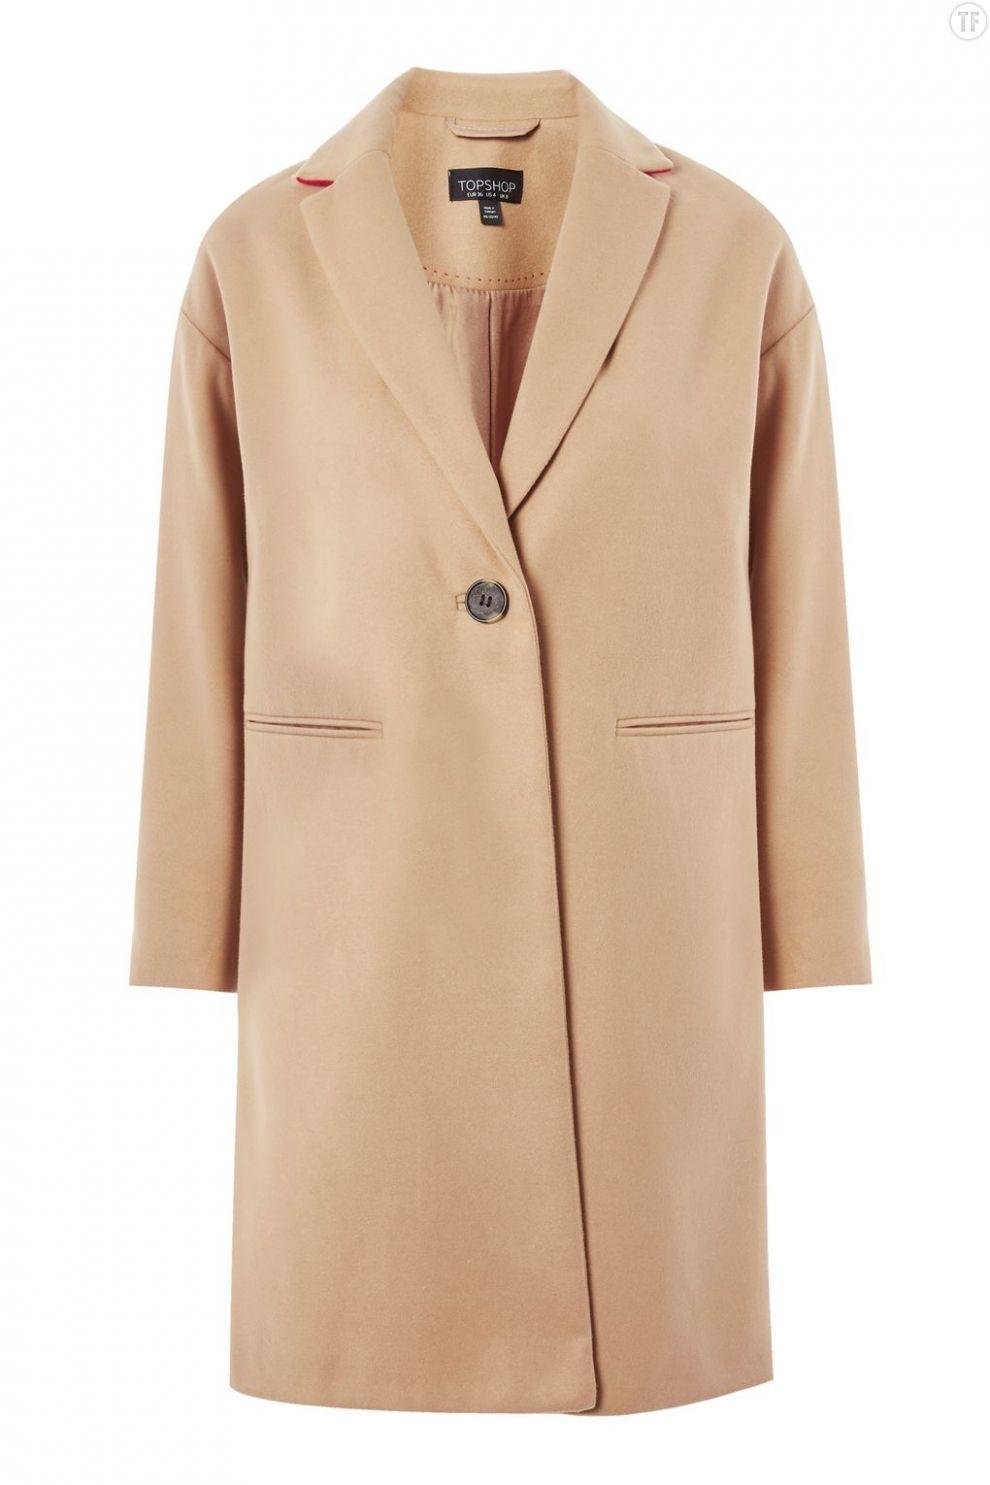 Manteau droit camel Topshop, 80€